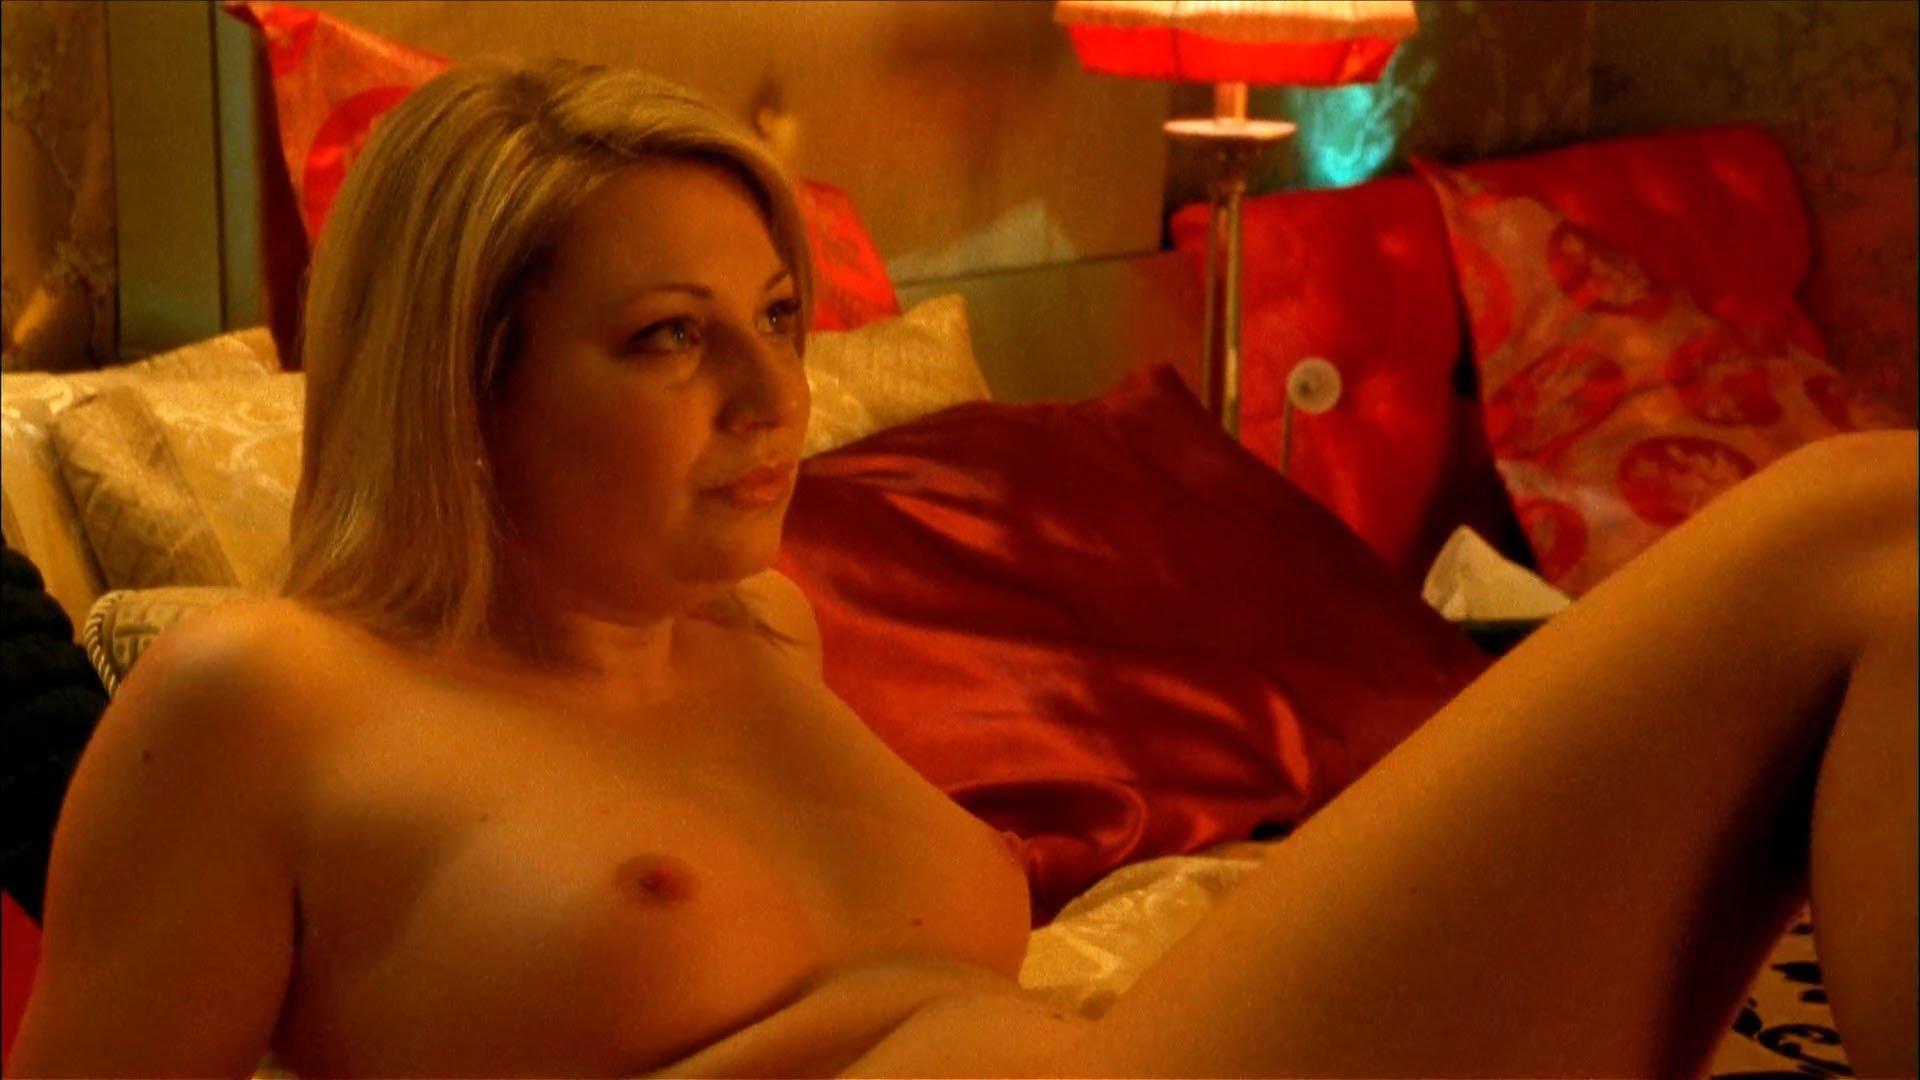 Kate Jenkinson nude - Satisfaction s02e07 (2009)